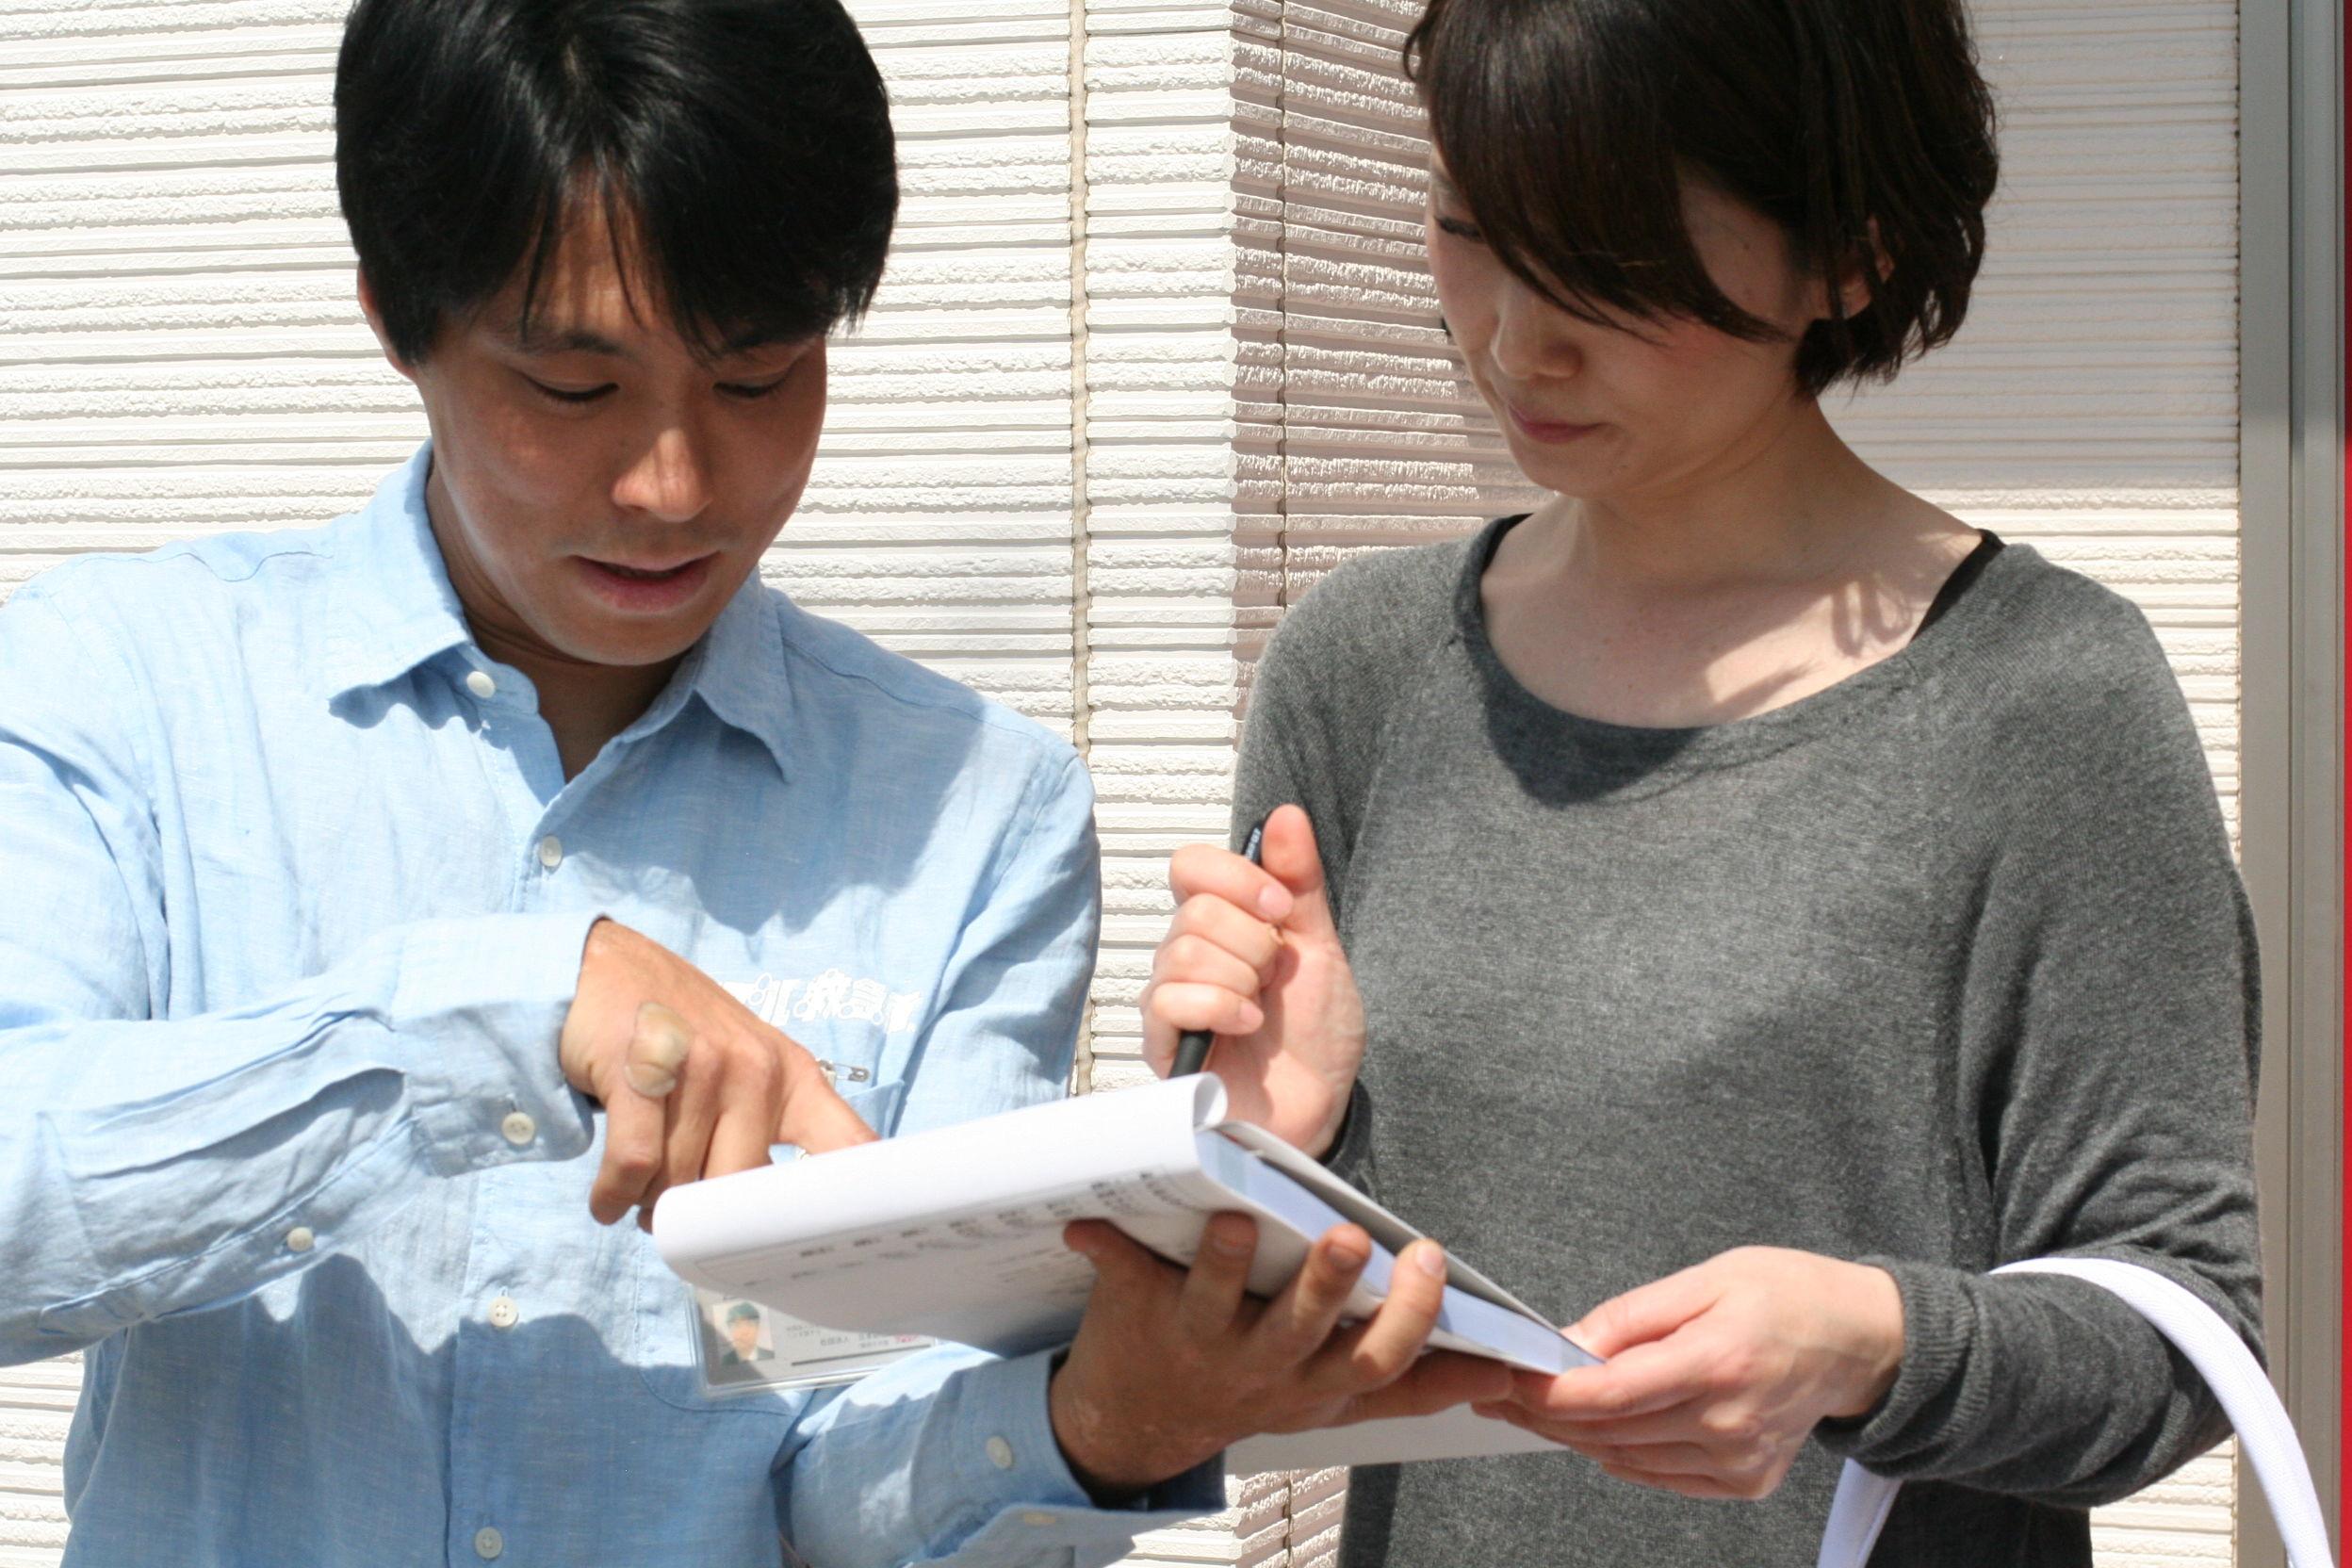 鍵のトラブル救急車【江別市 出張エリア】のメイン画像